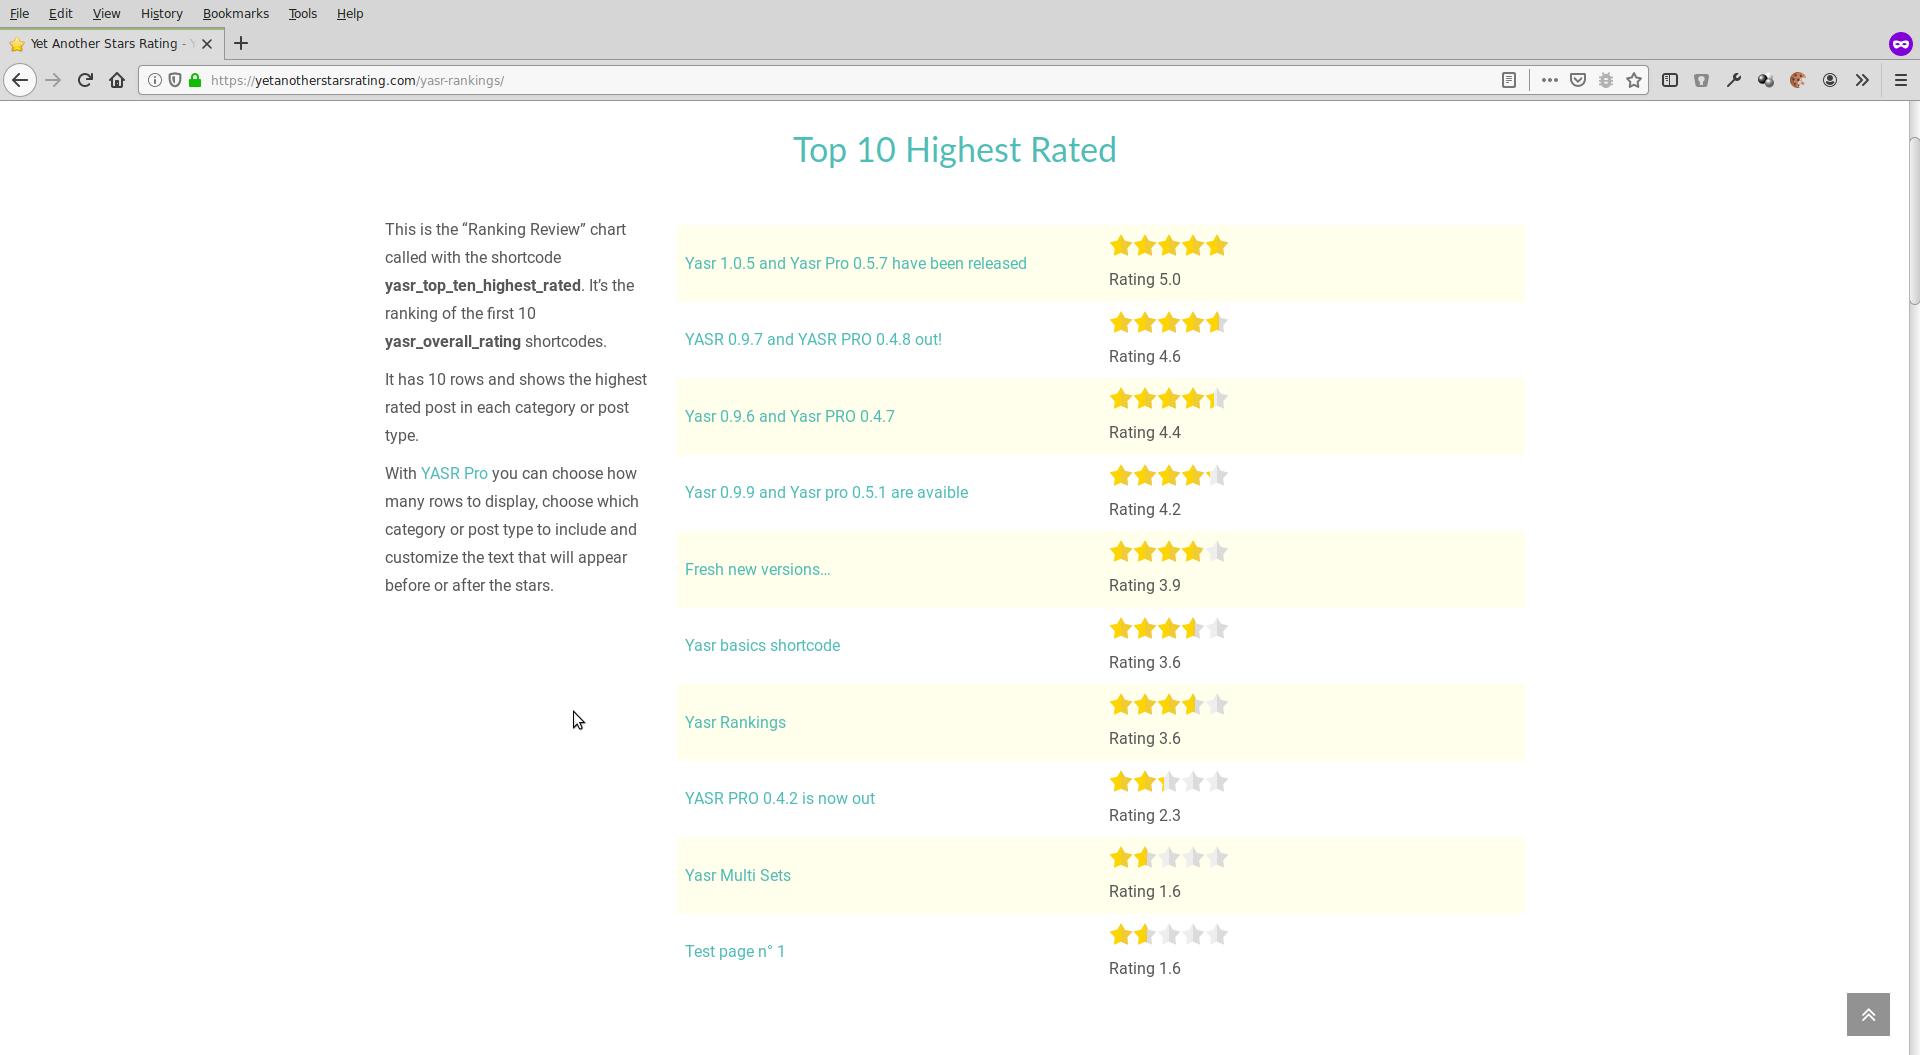 Ranking reviews